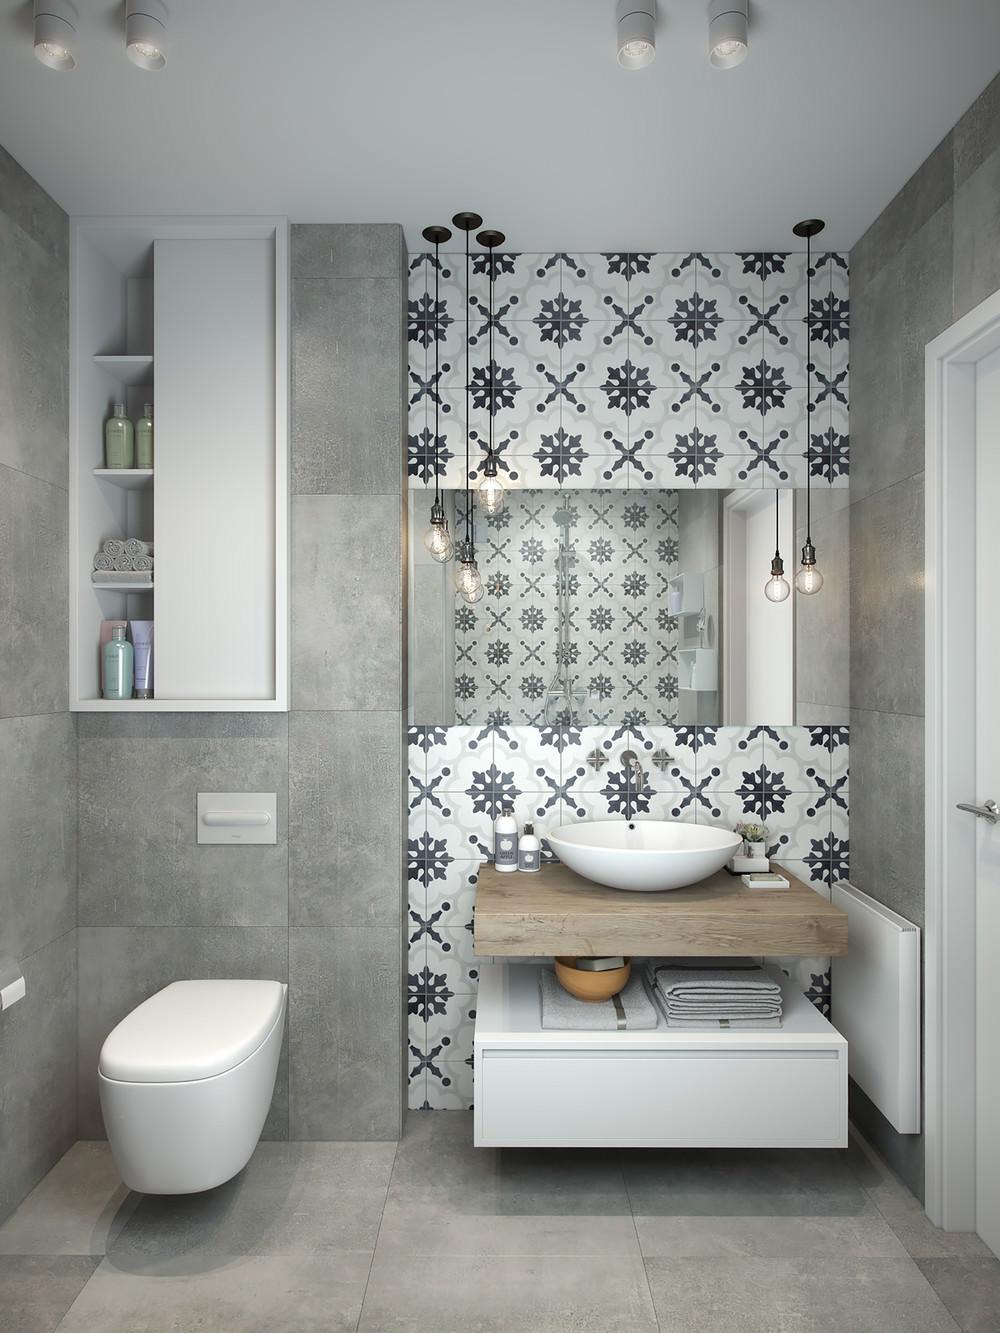 malak-apartament-s-originalen-interioren-dizain-30-m-9